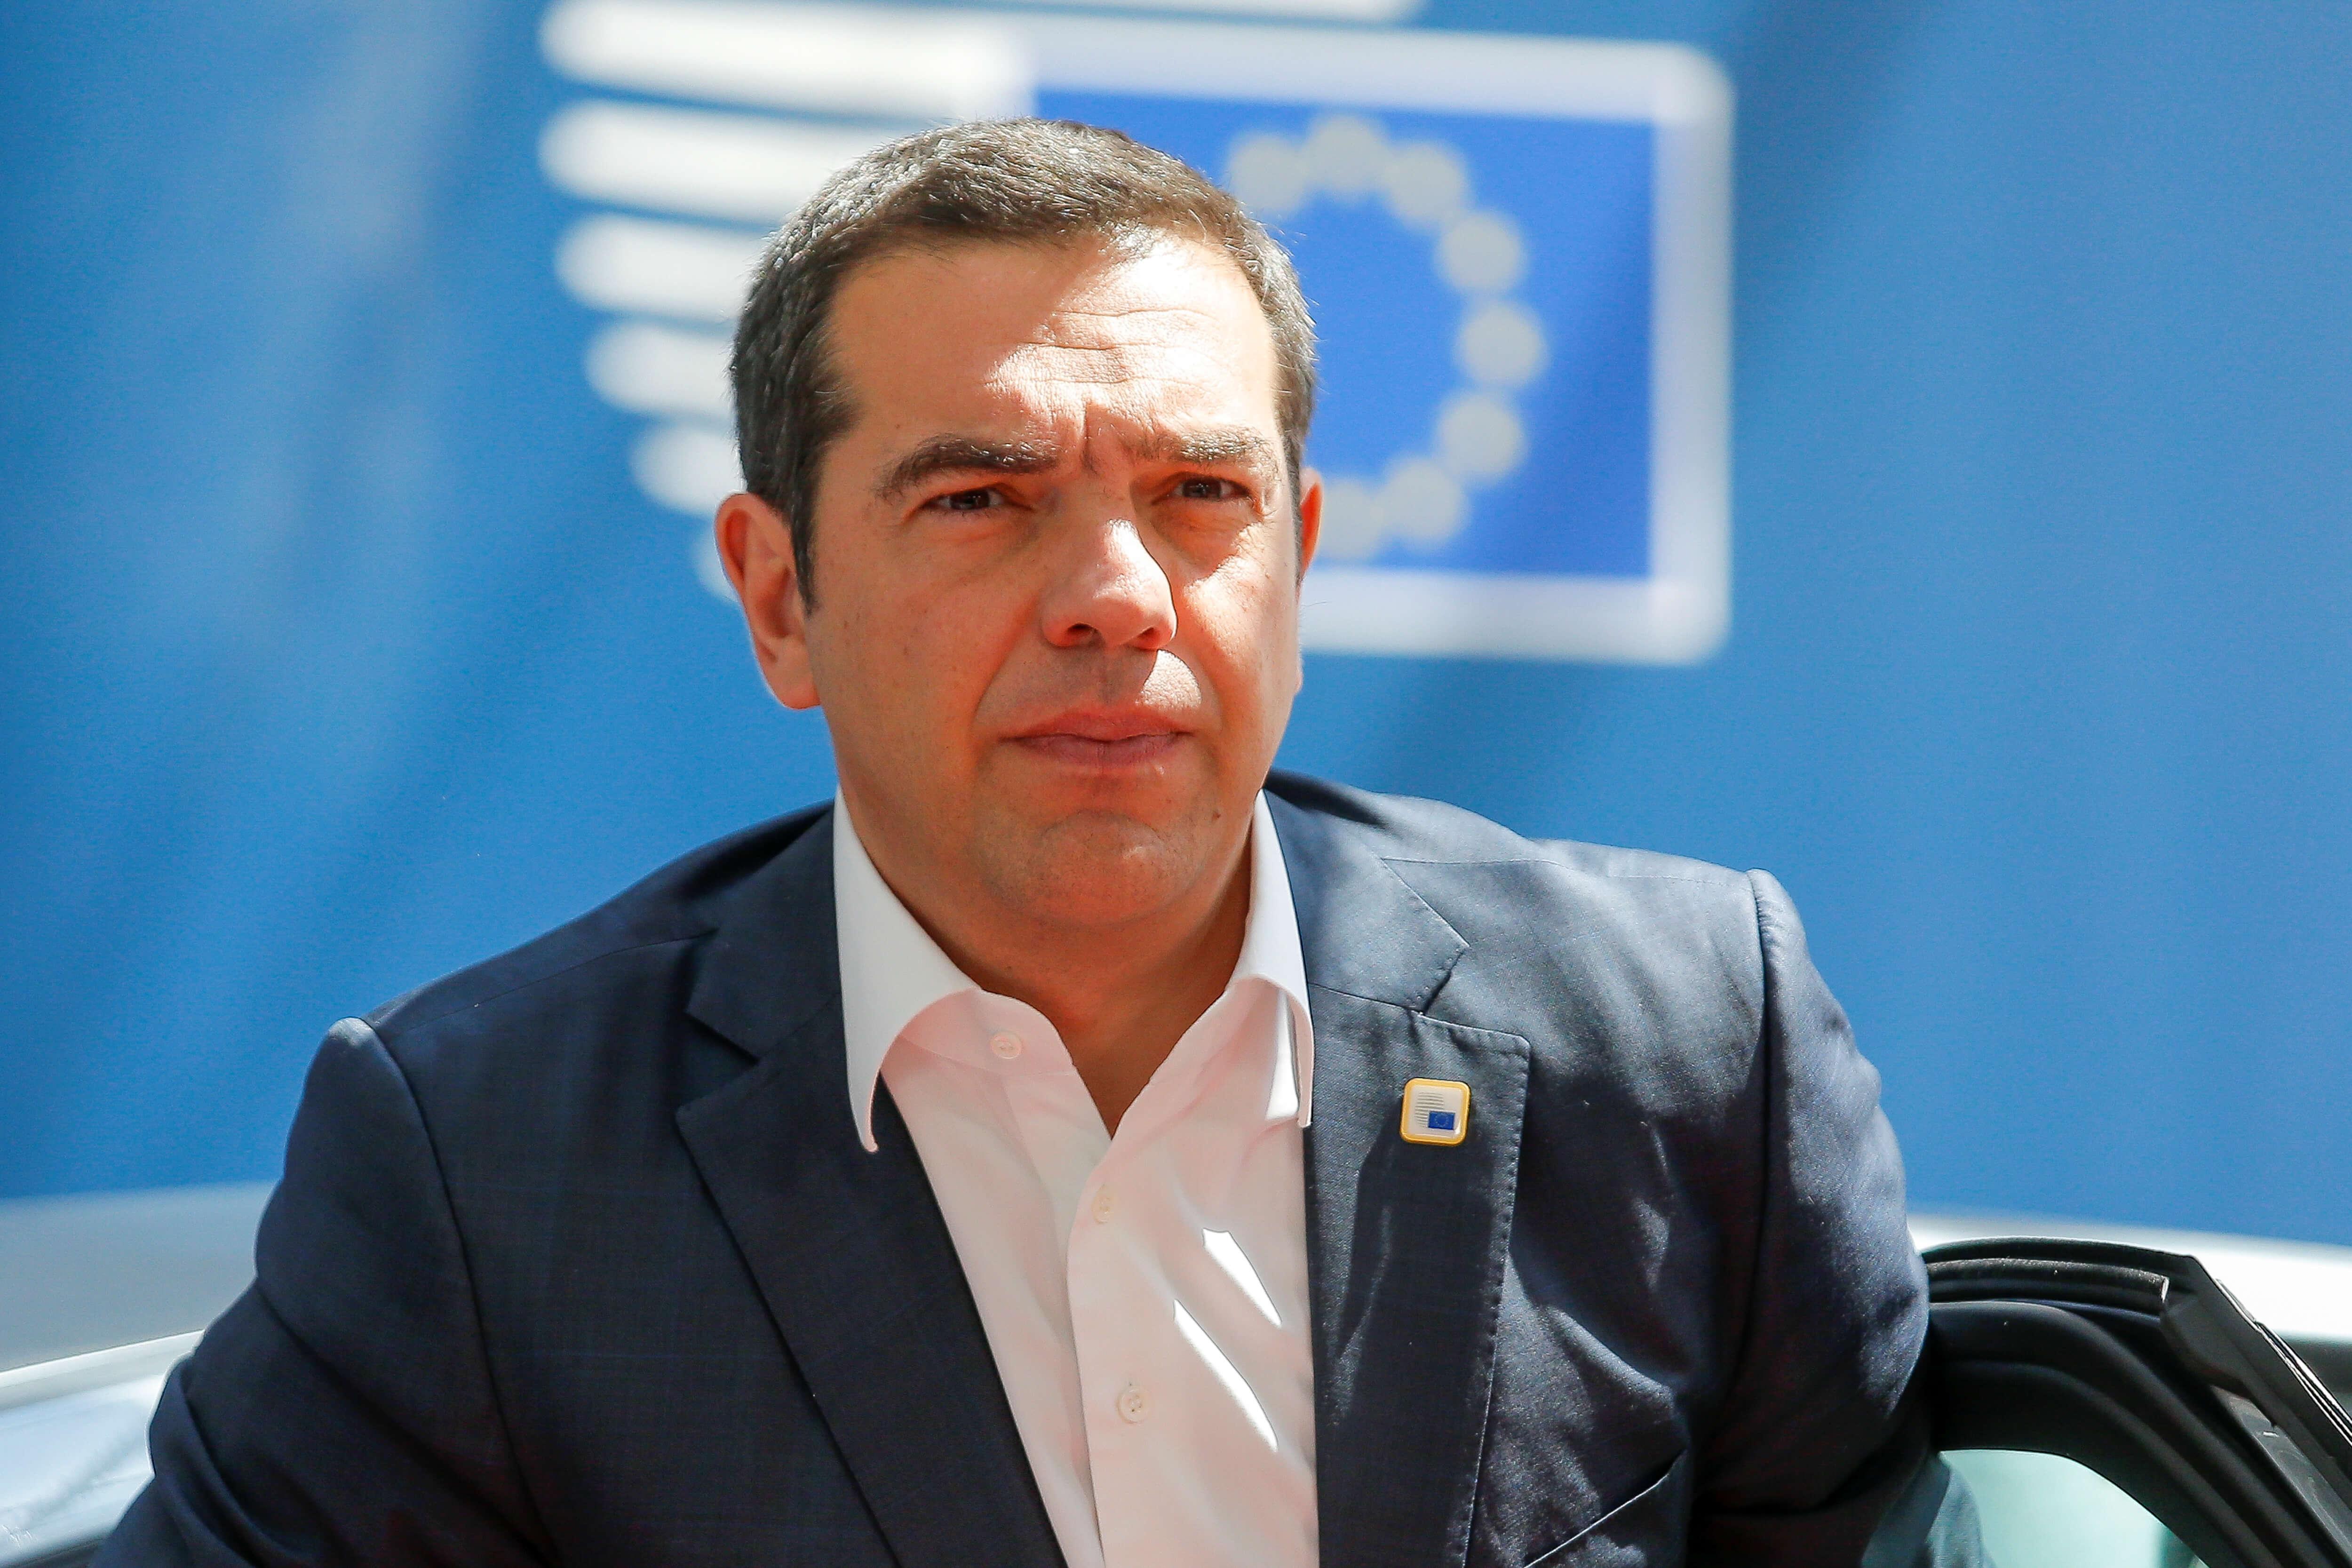 Τσίπρας: Μέτρα και κυρώσεις αν δεν σταματήσει η Τουρκία τις παραβιάσεις αμέσως – Αιχμές και για Βέμπερ